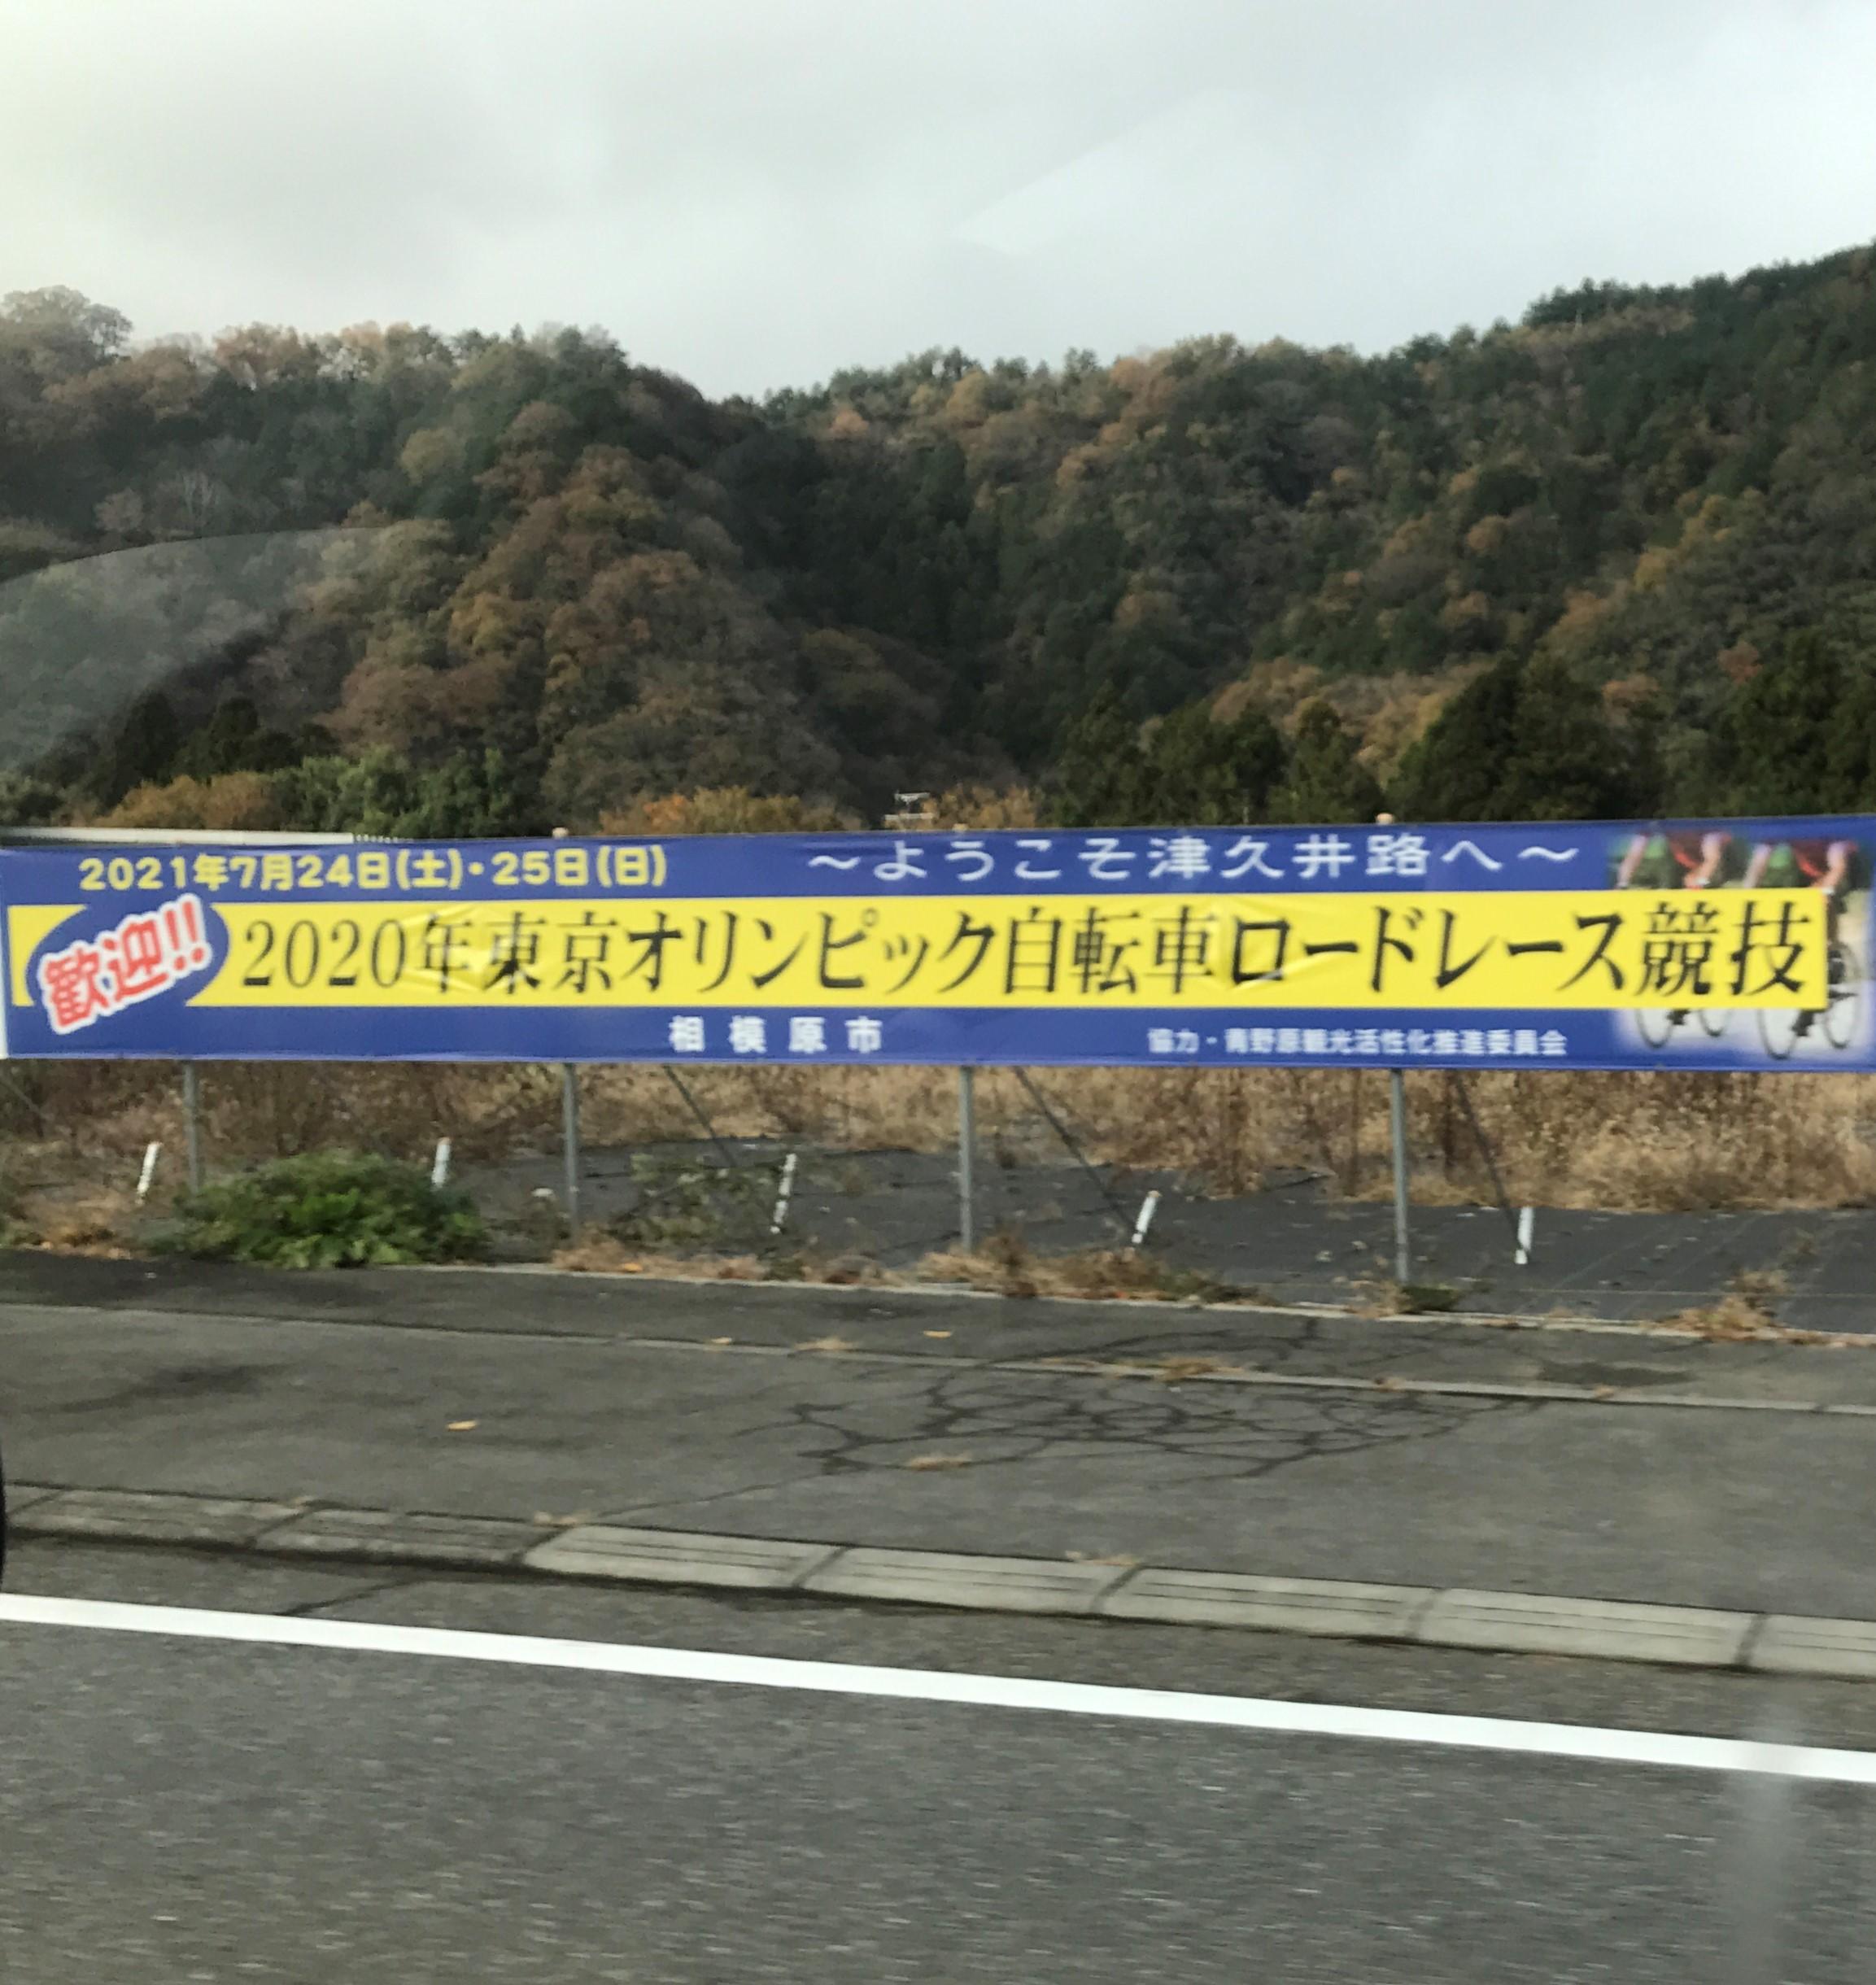 幻の2020年オリンピック